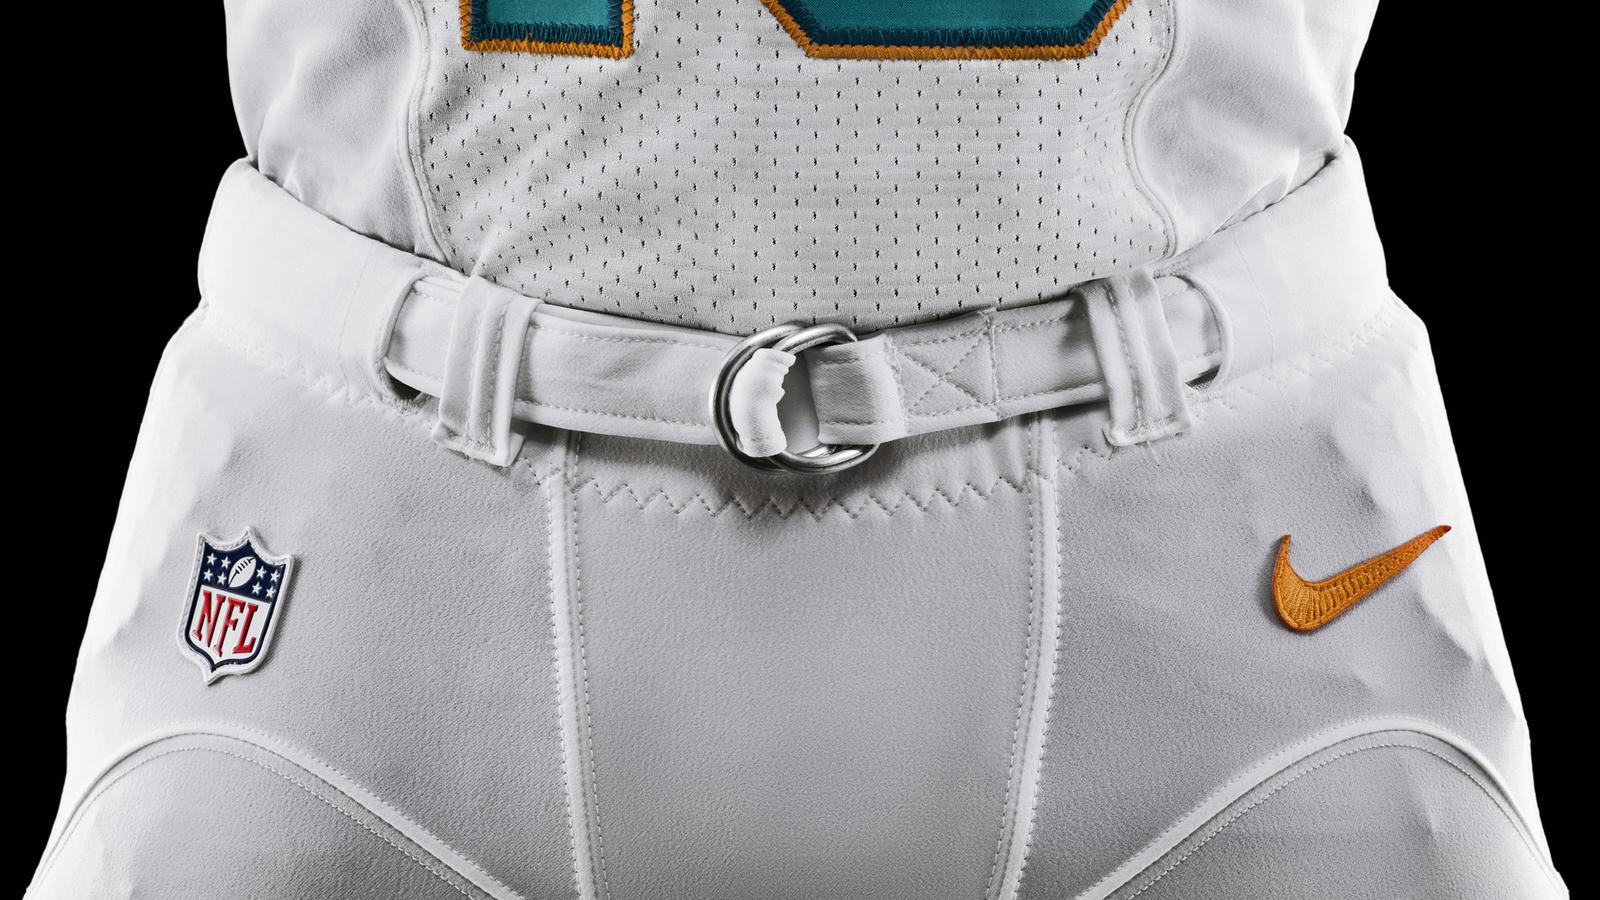 miami-nike-elite-51-uniform-aluminum-d-ring-belt